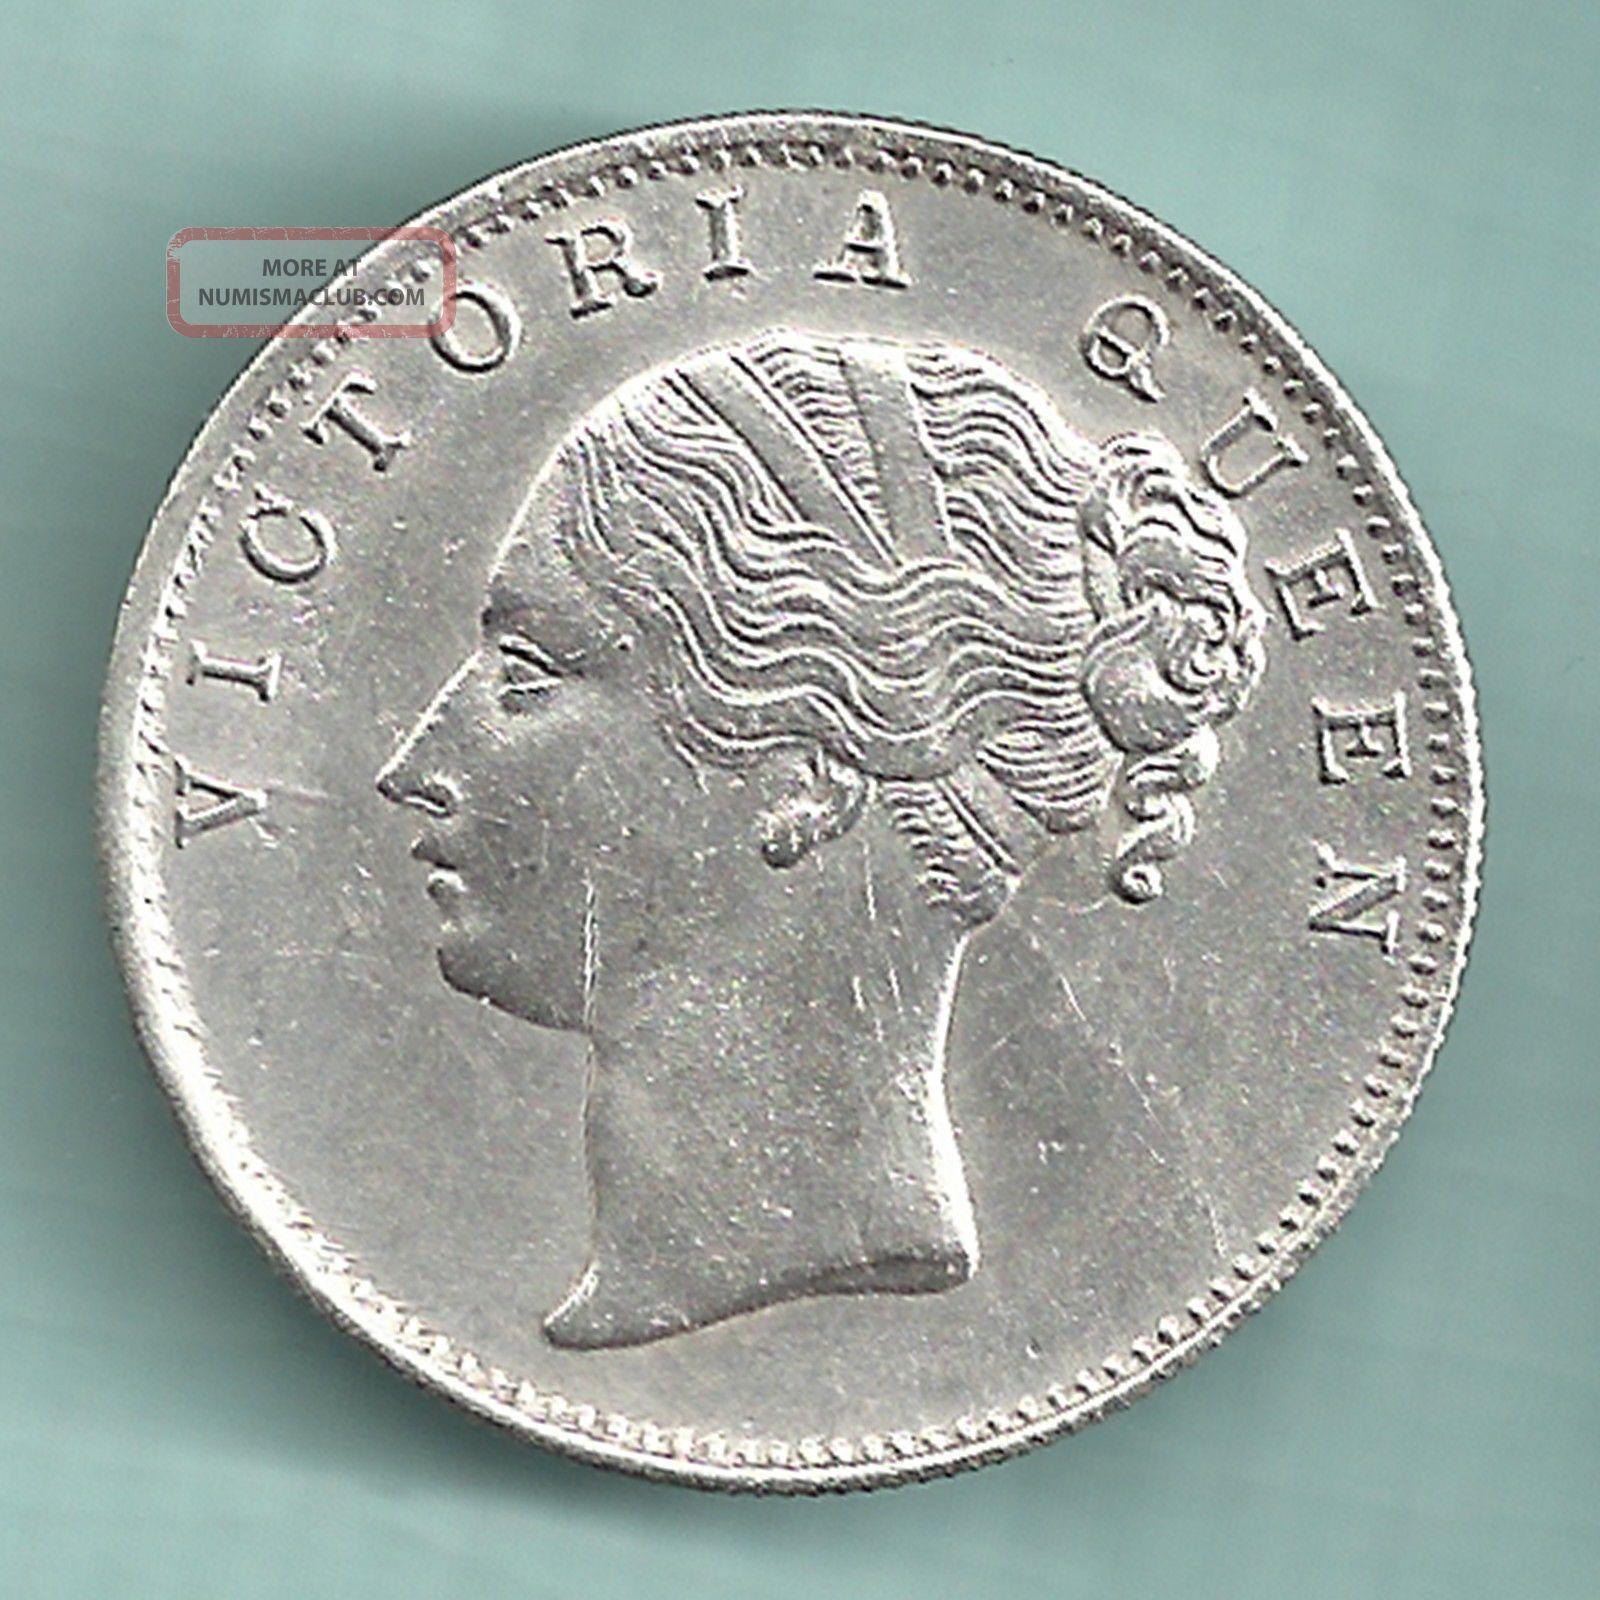 British India - 1840 - Victoria Queen - One Rupee - Continuos Legend - Rarest British photo